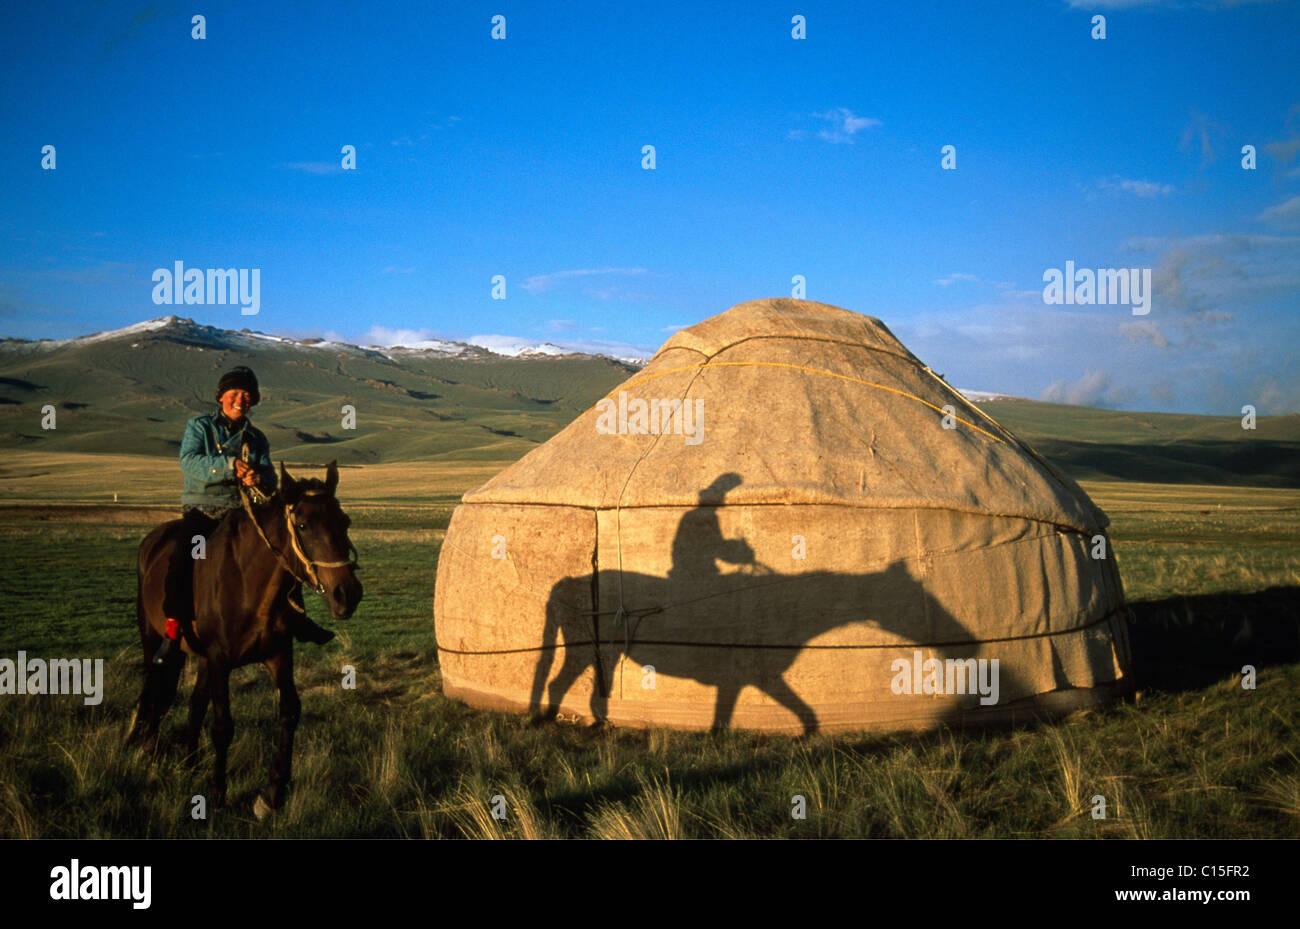 Pferd und Reiter vor einer Jurte, Verein‑ zu Mountain Range, Song-Kul, Kirgisien, Zentralasien Stockfoto